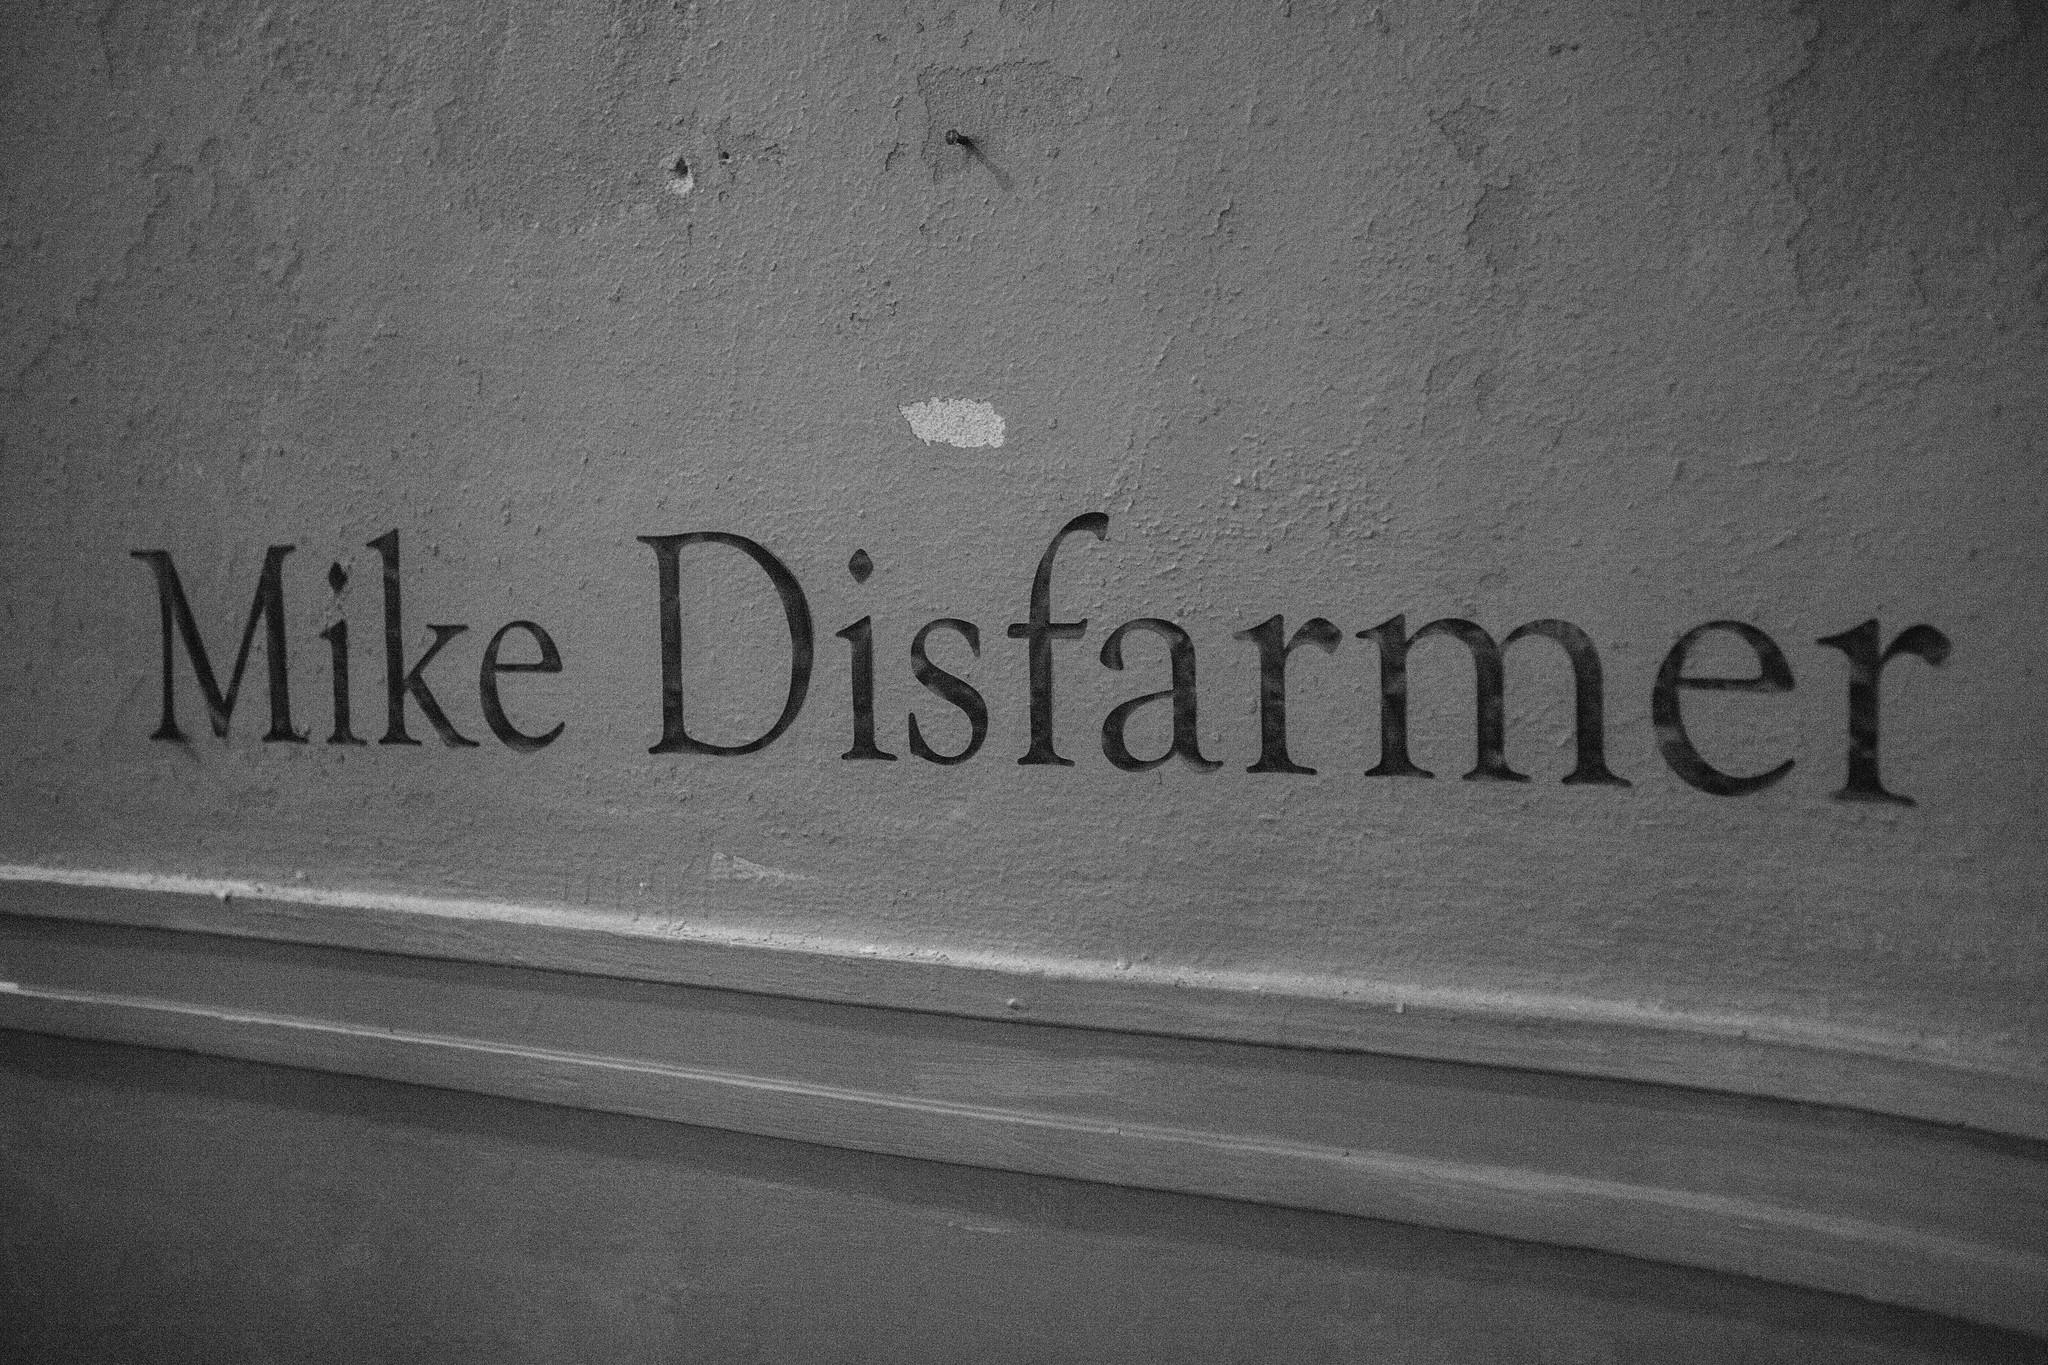 Mike Disfarmer